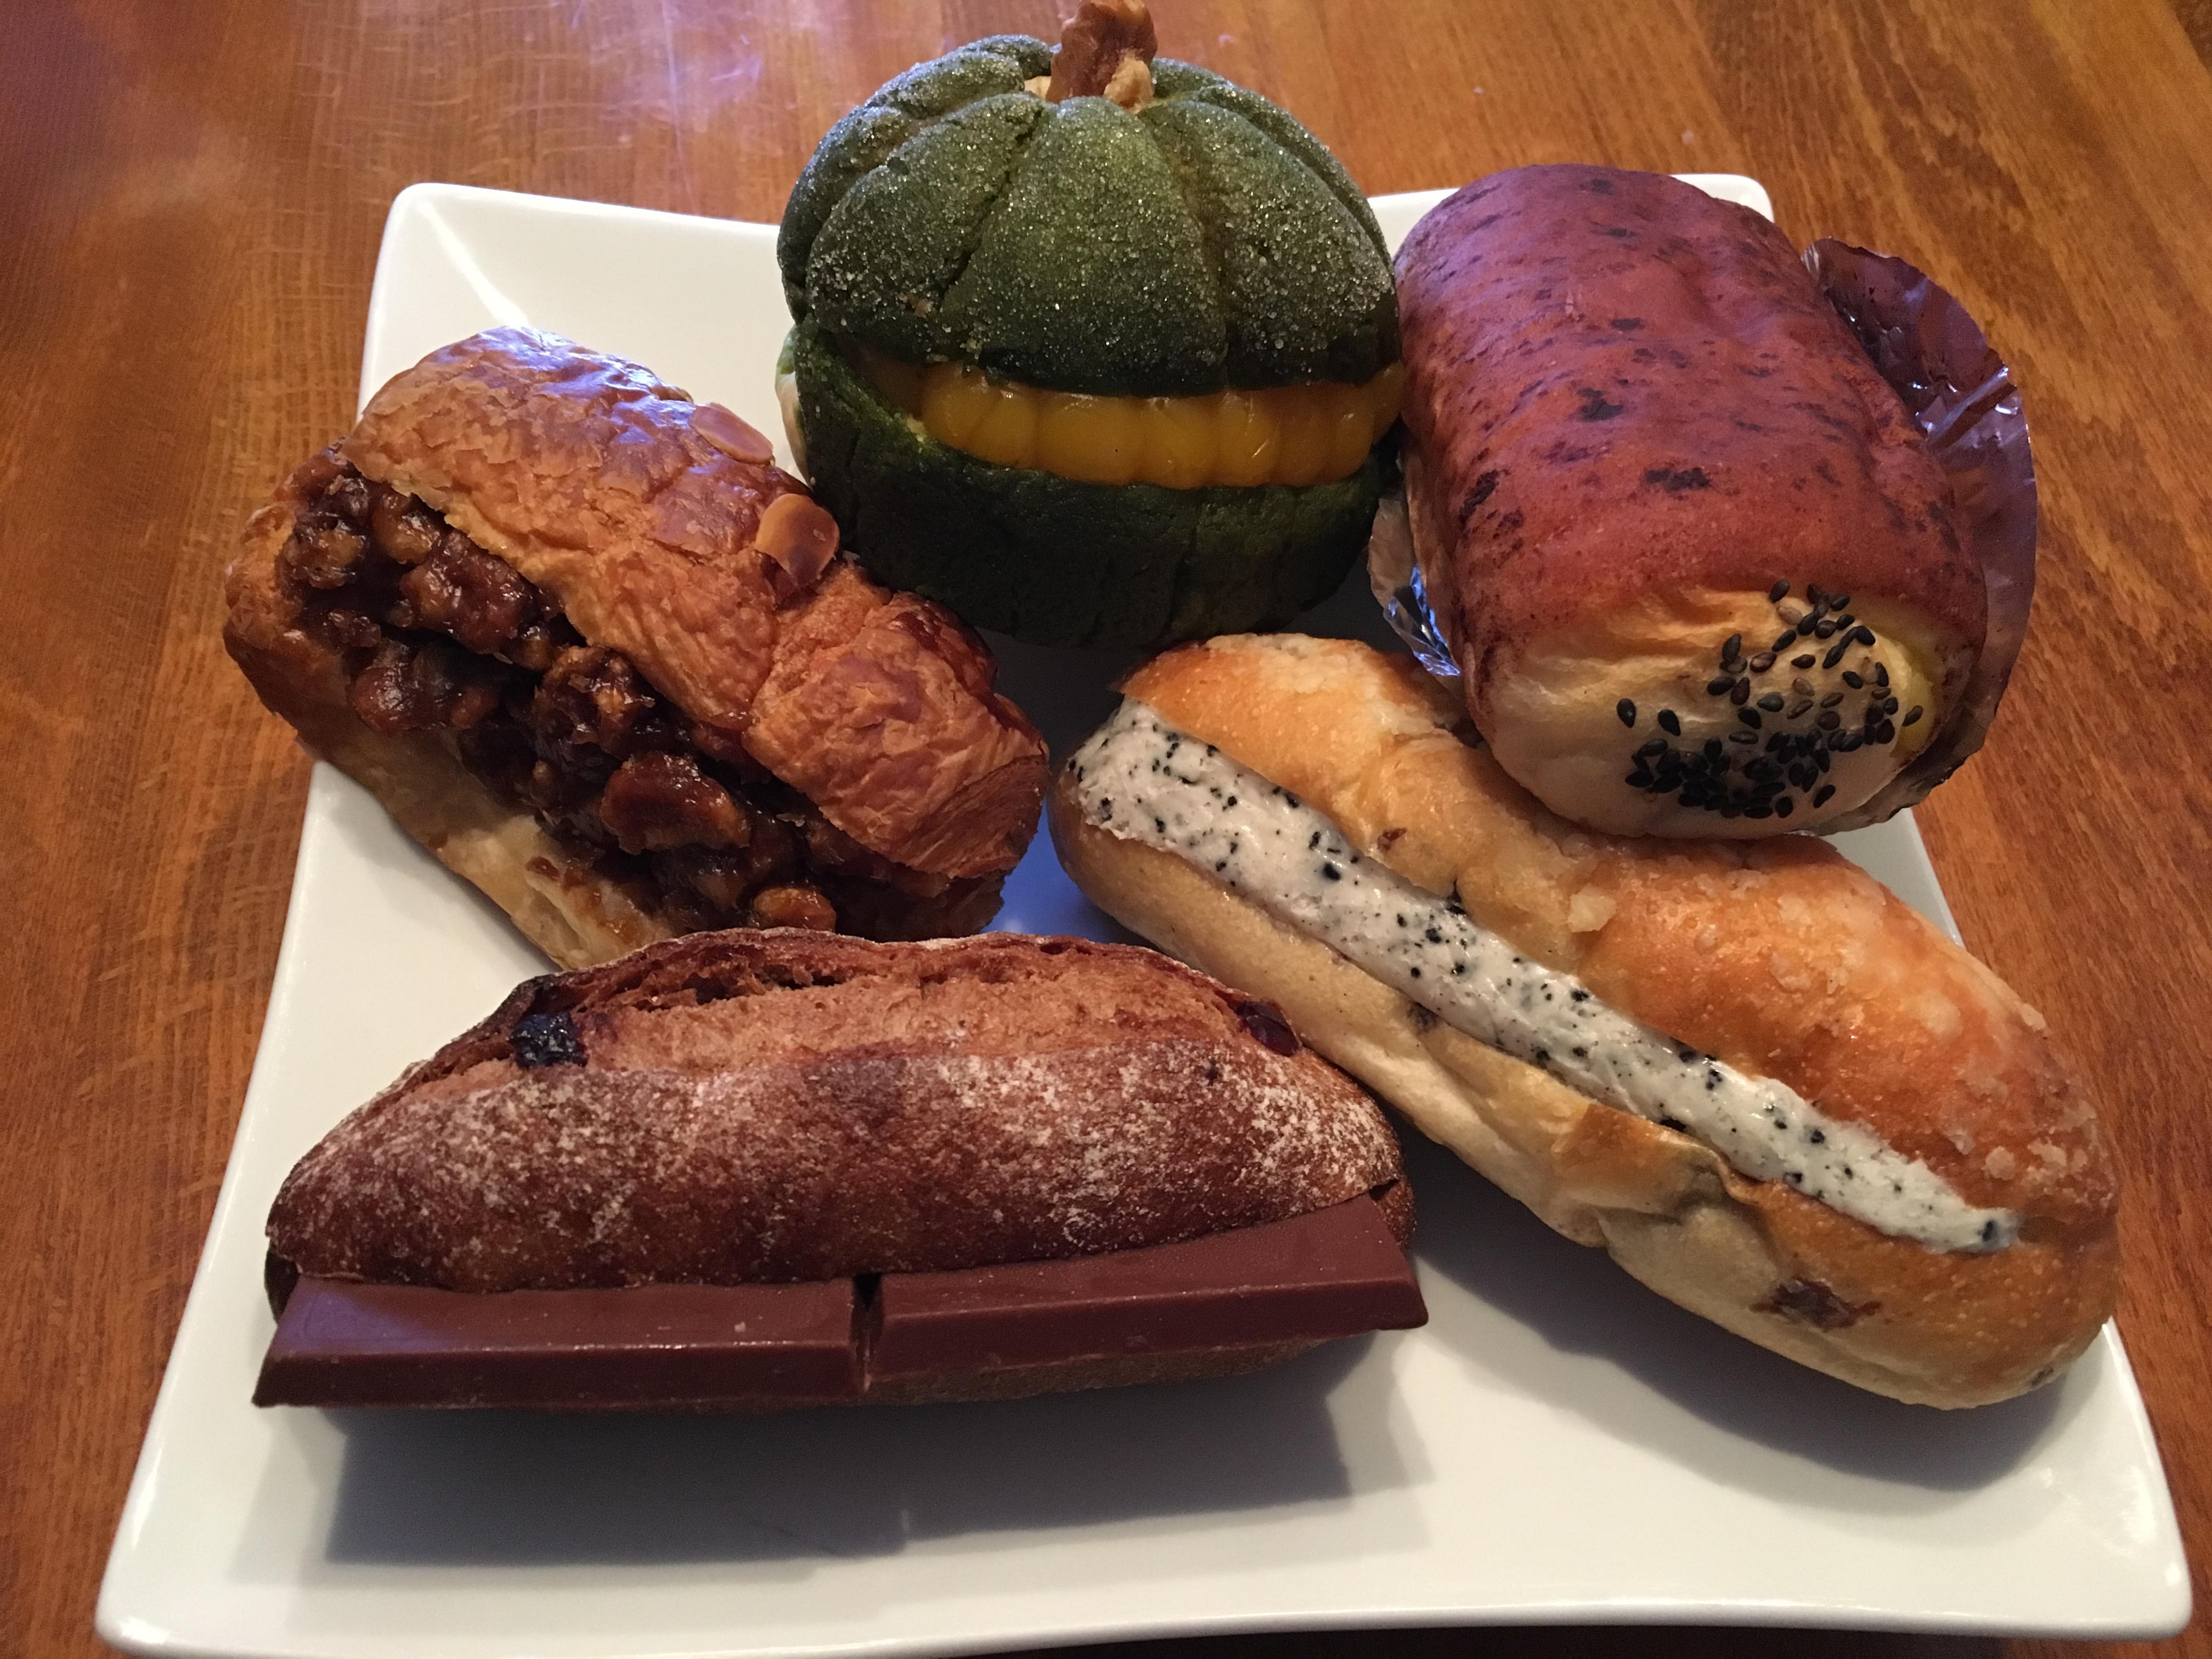 生駒駅の手作りパン「ウーの森の菓子パン」がとても可愛らしく美味しい!